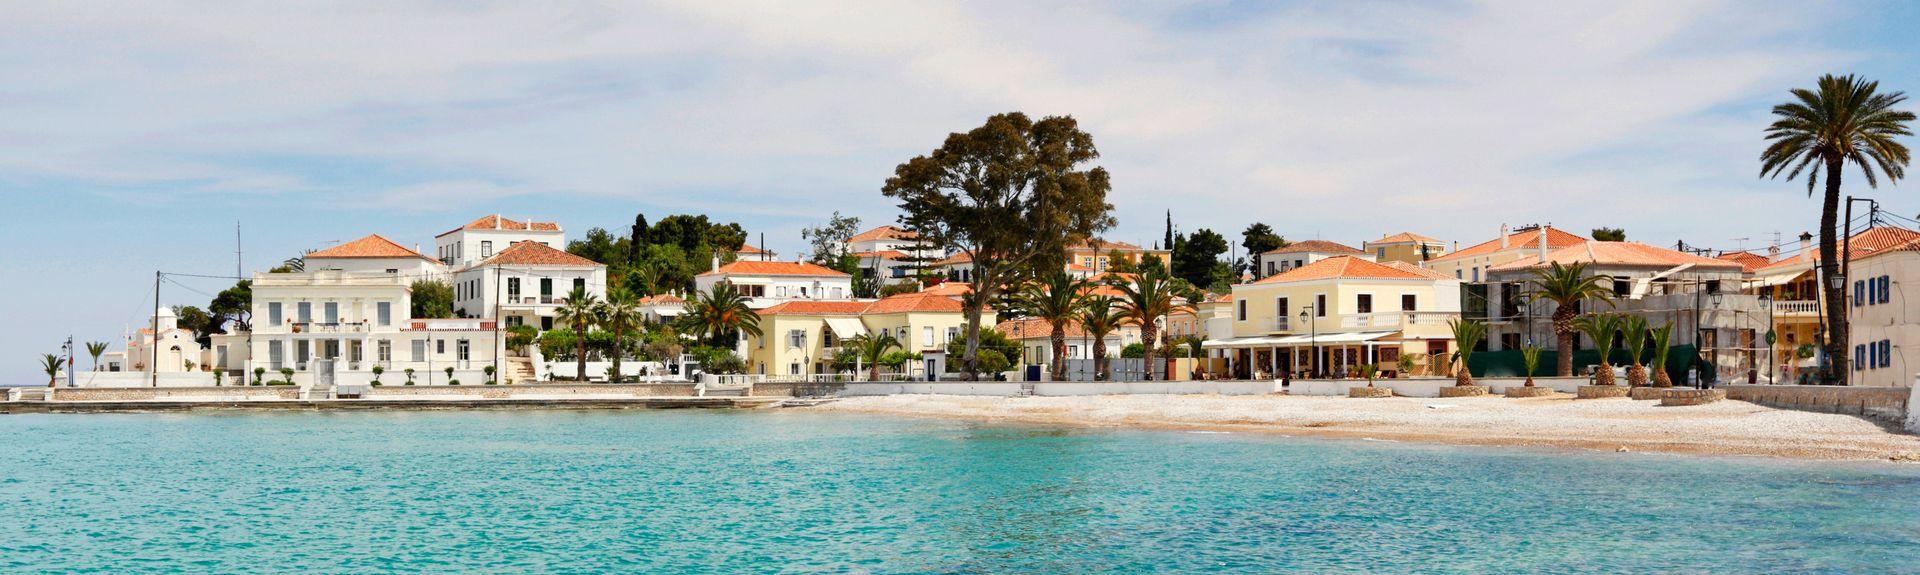 Σπέτσες, Αττική, Ελλάδα